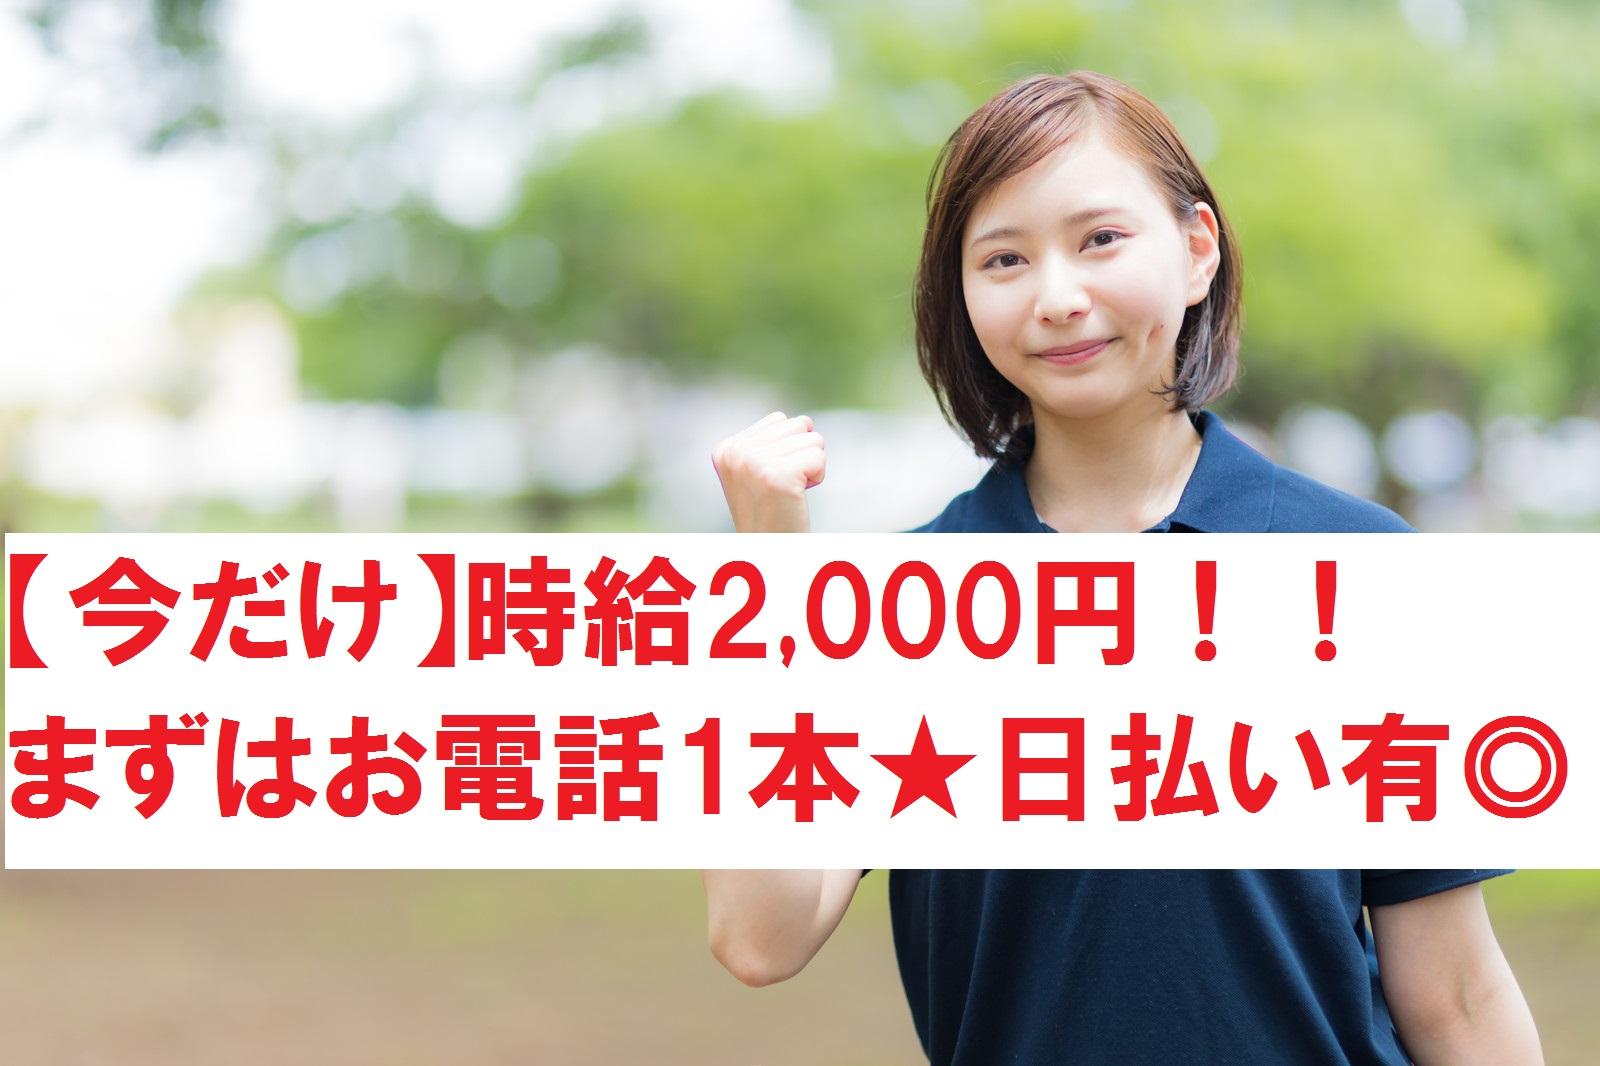 MAX時給2000円!!詳しくはお電話でお問い合わせください☆